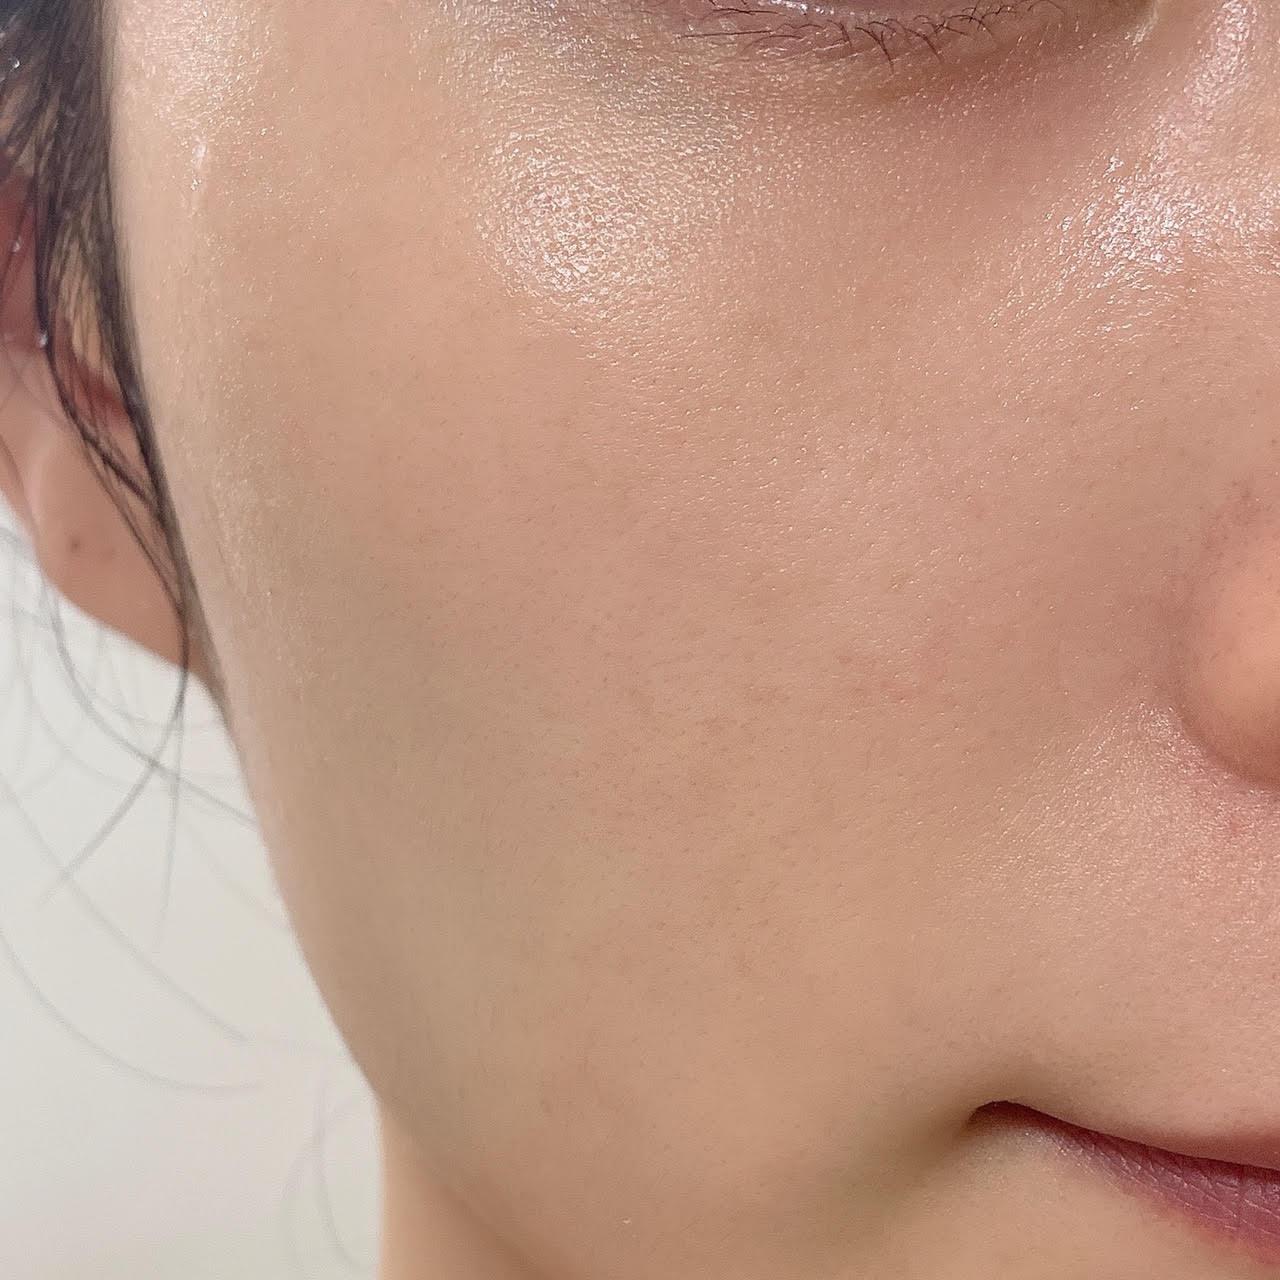 2020年最新版! 韓国コスメマニアが選ぶ今人気のスキンケアアイテム5選【口コミ付】の画像